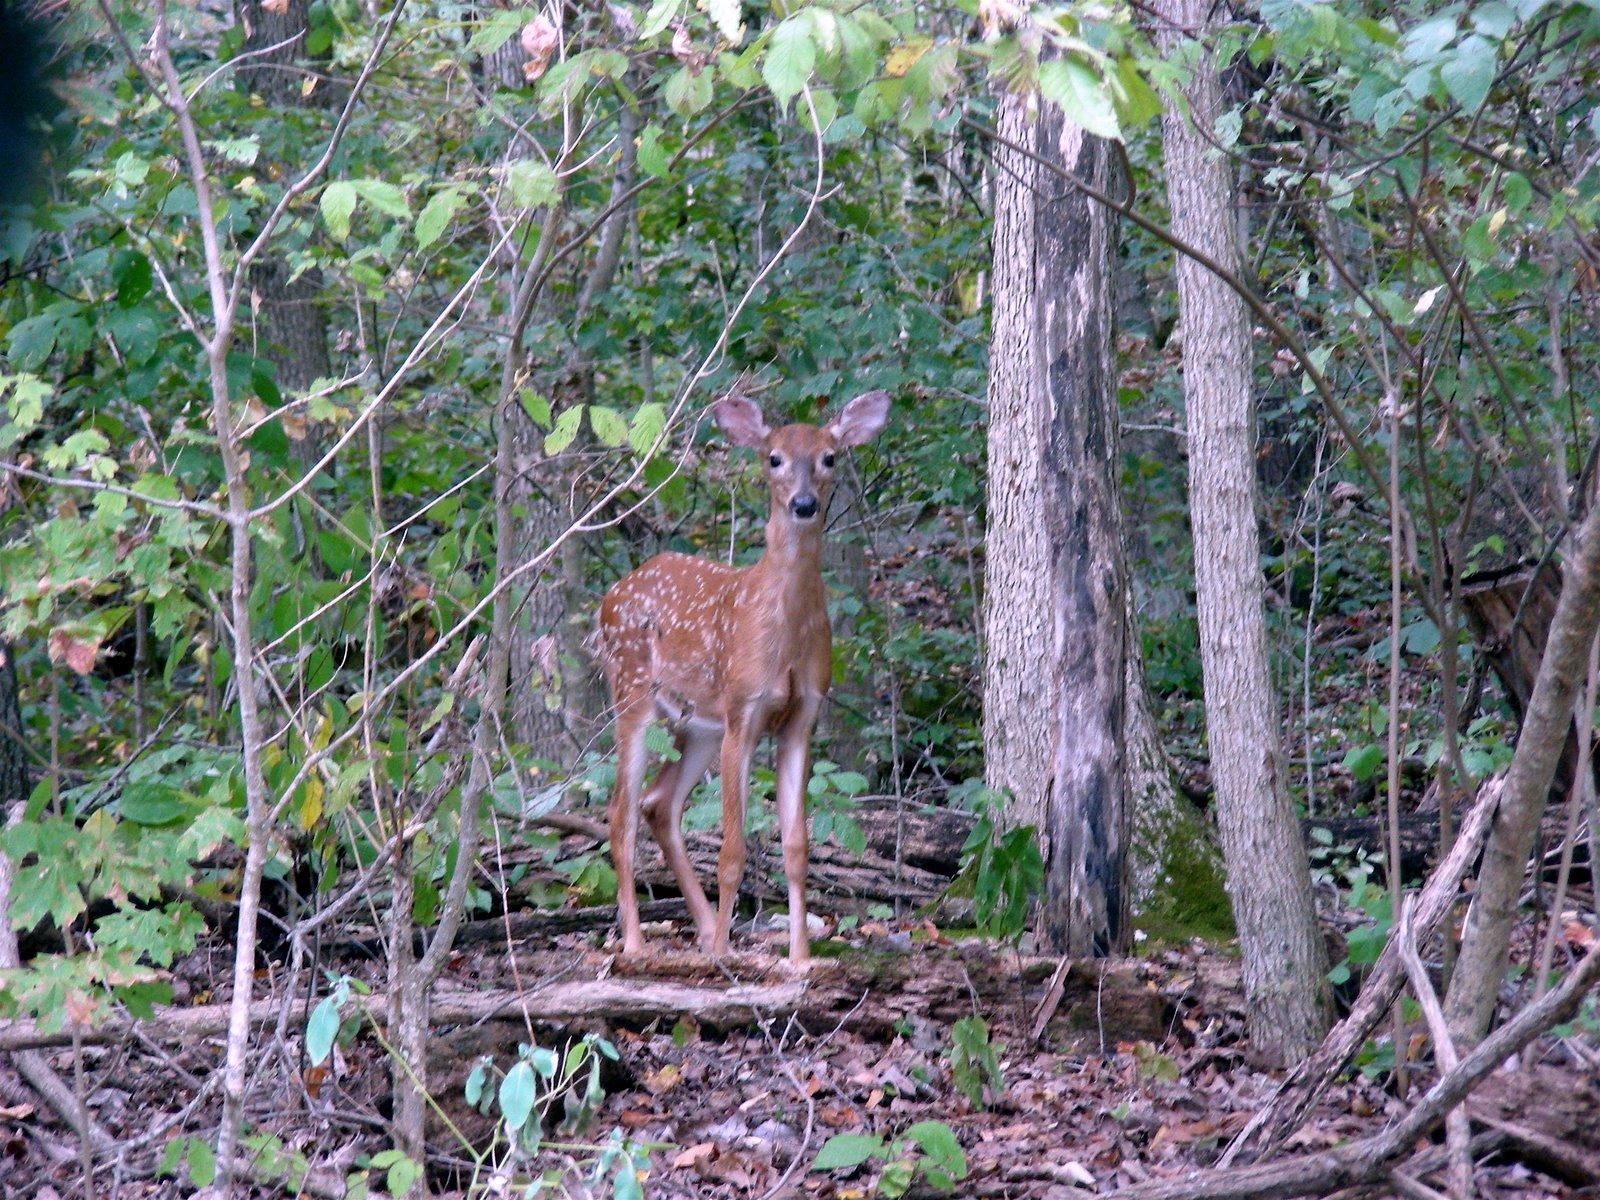 [deer]